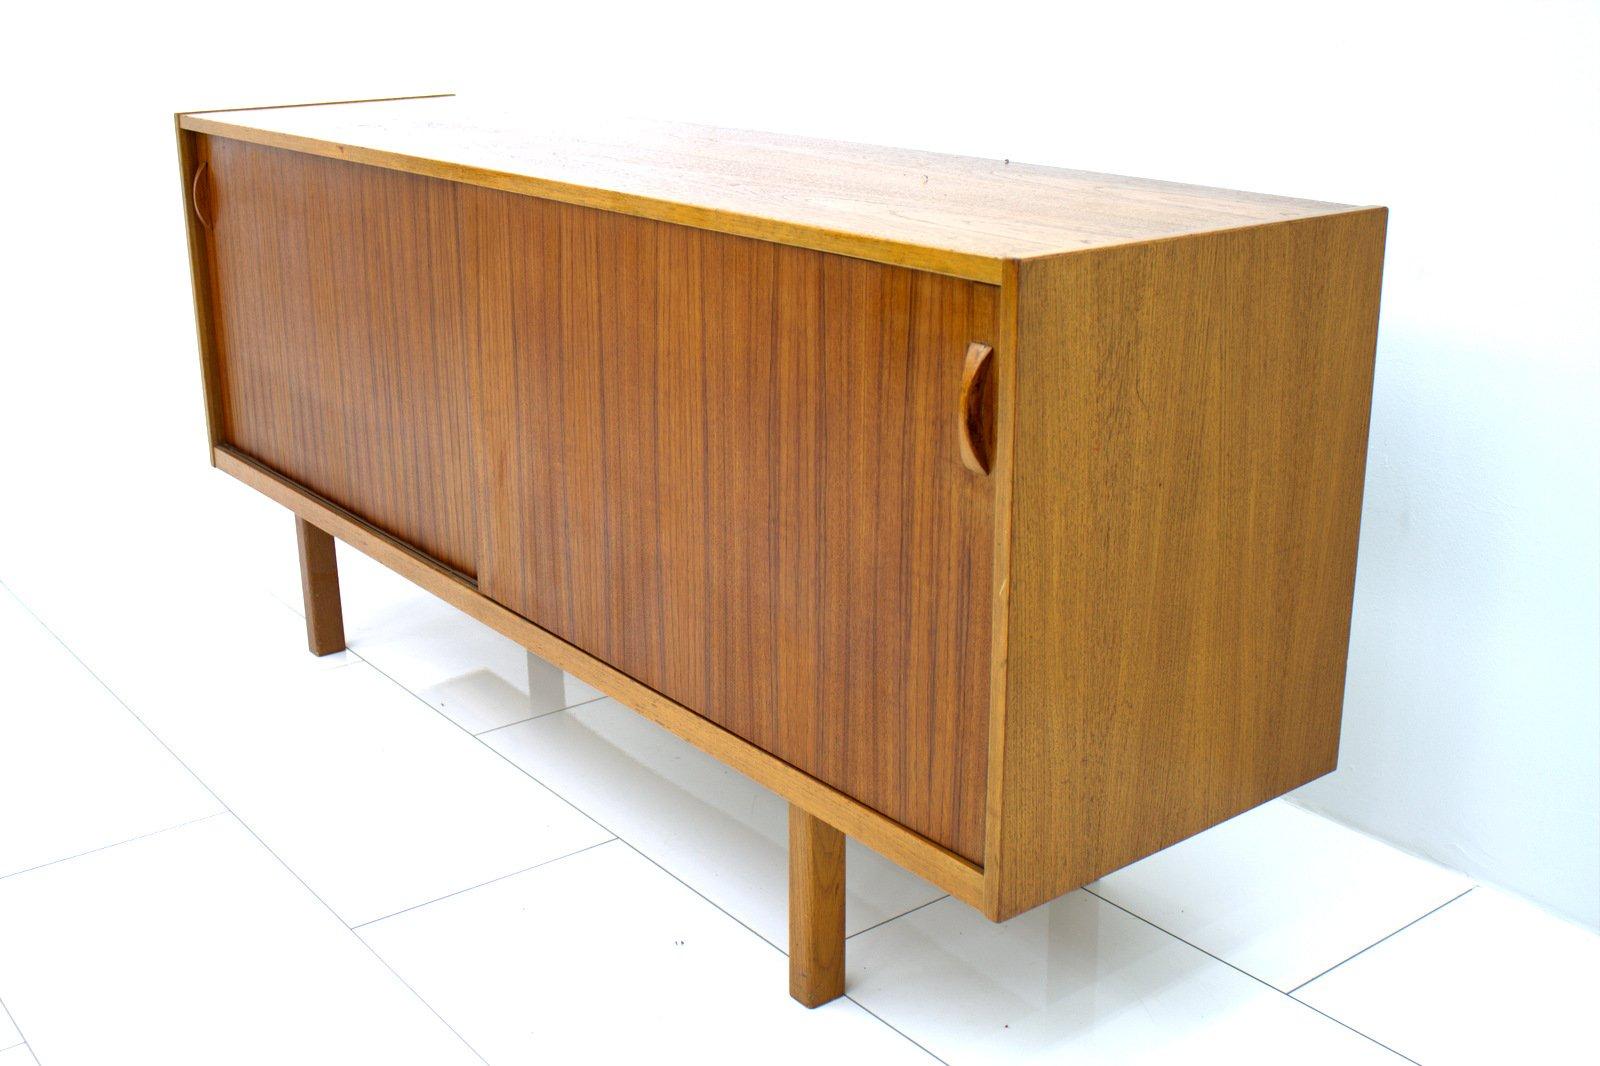 schwedisches teak sideboard mit schiebet ren 1960er bei pamono kaufen. Black Bedroom Furniture Sets. Home Design Ideas